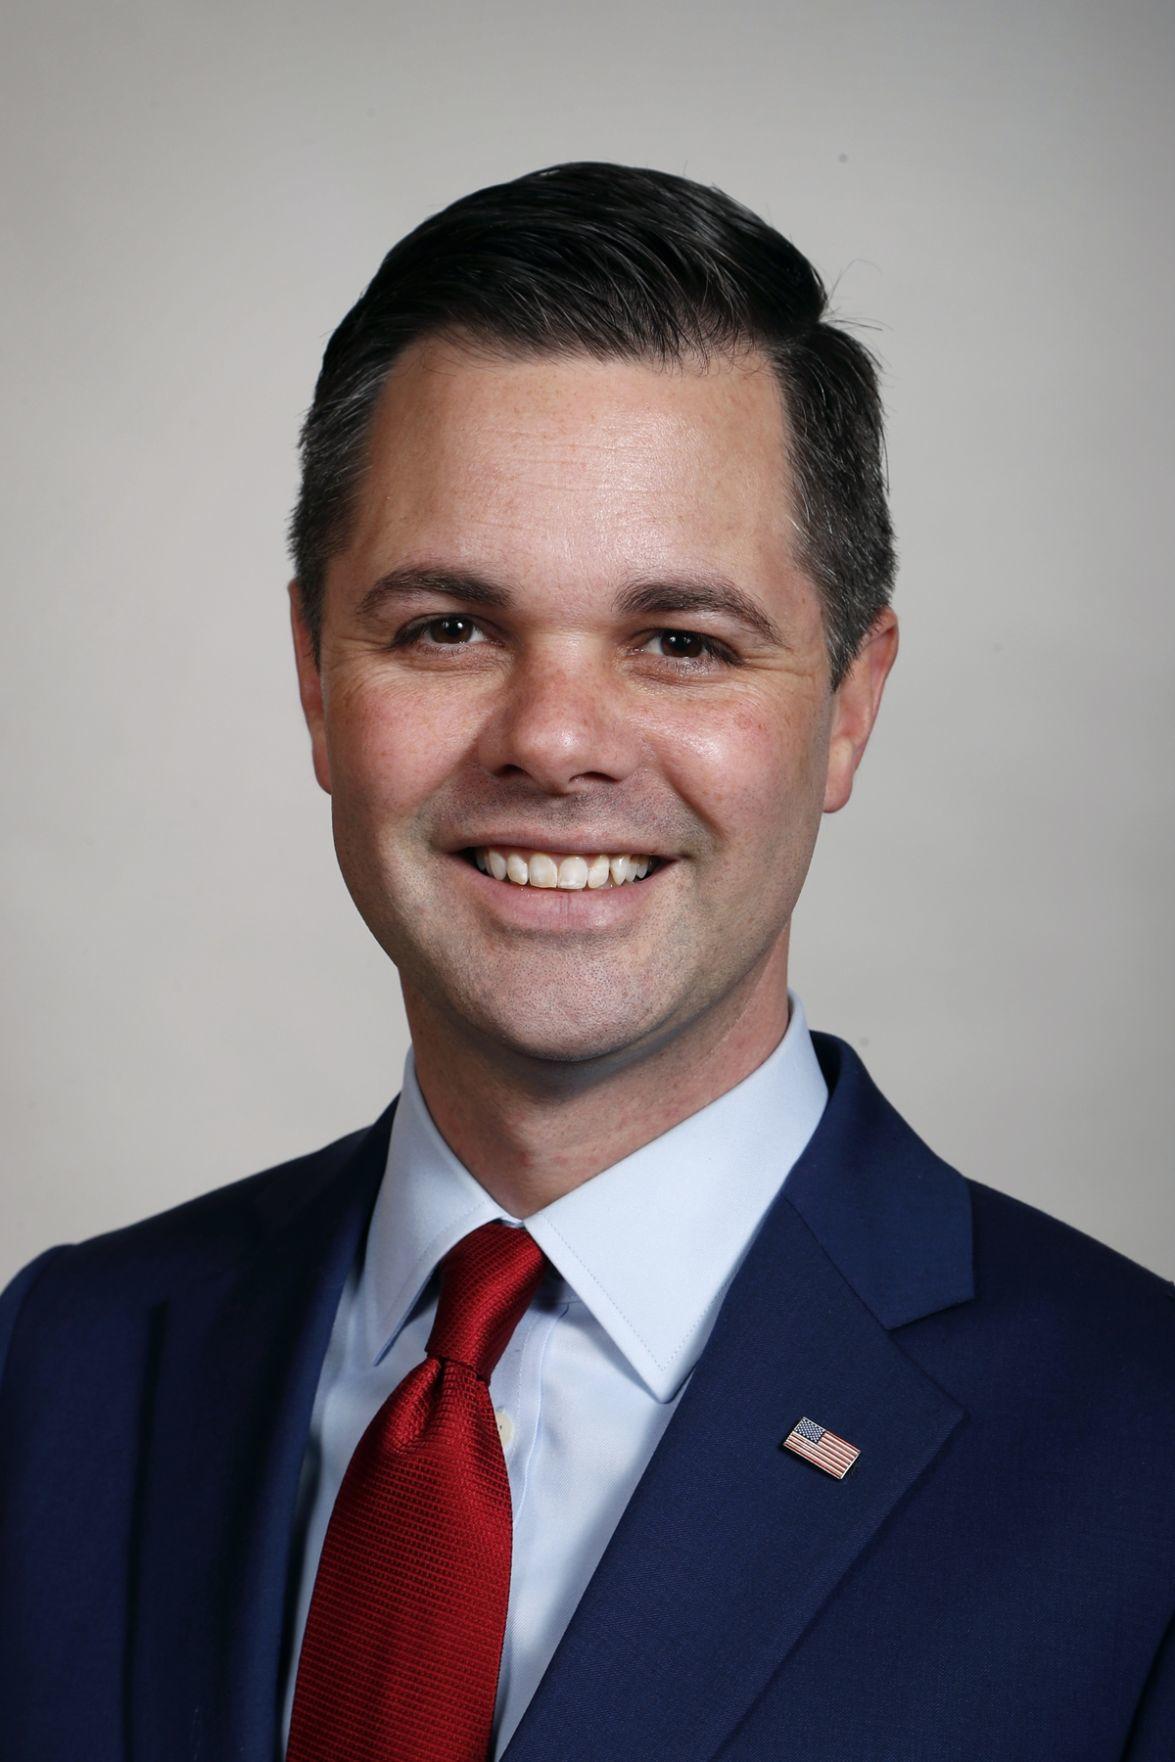 Iowa state Rep. Zach Nunn